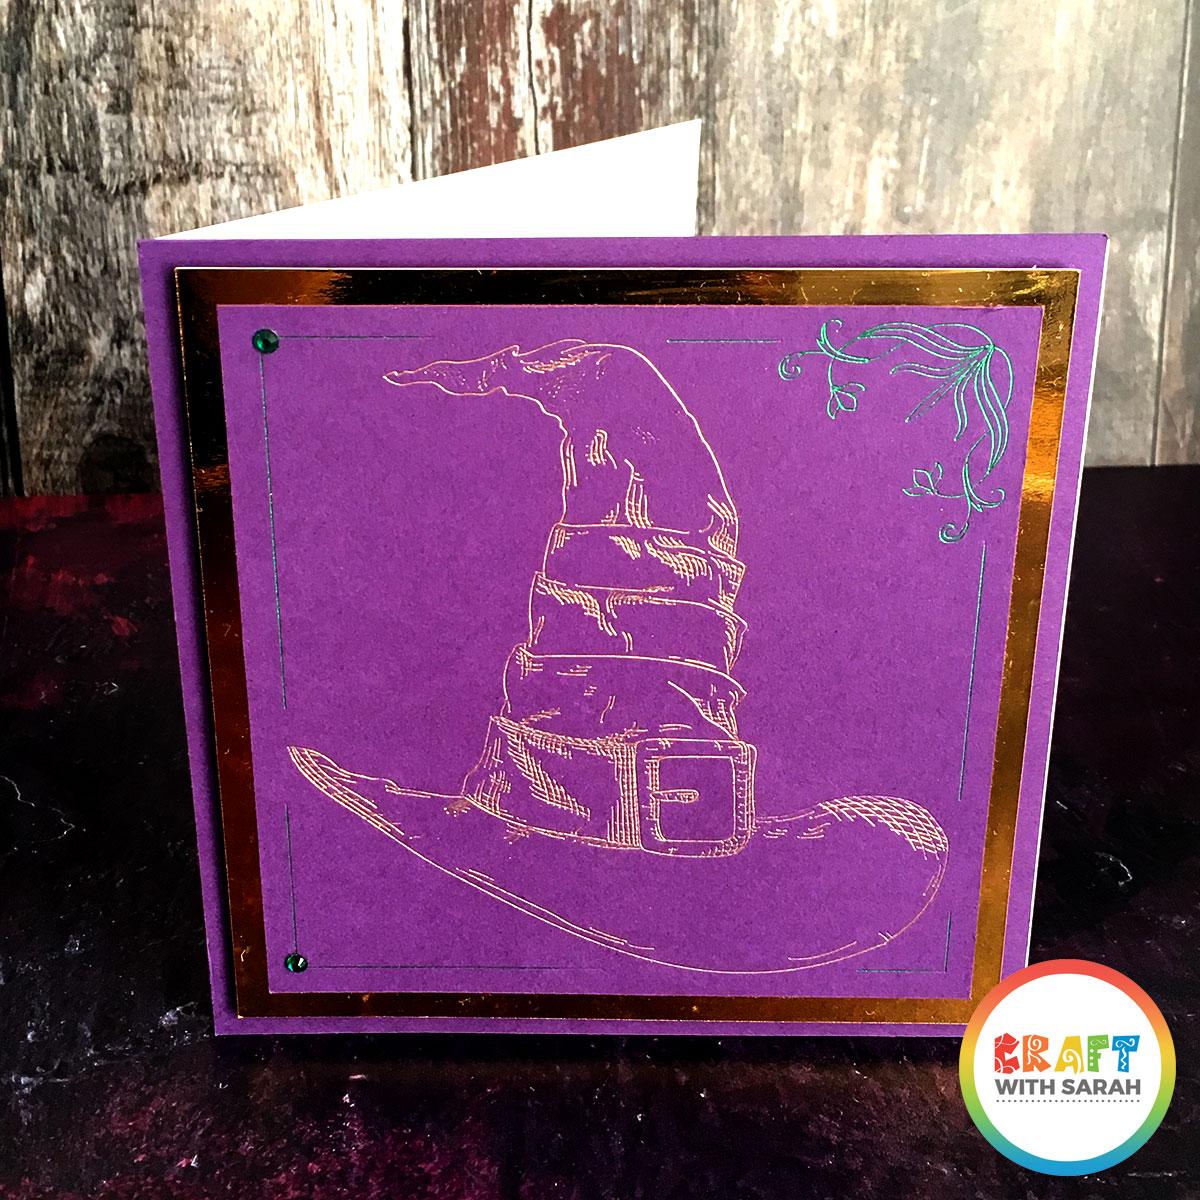 Handmade card using the Cricut foil tool